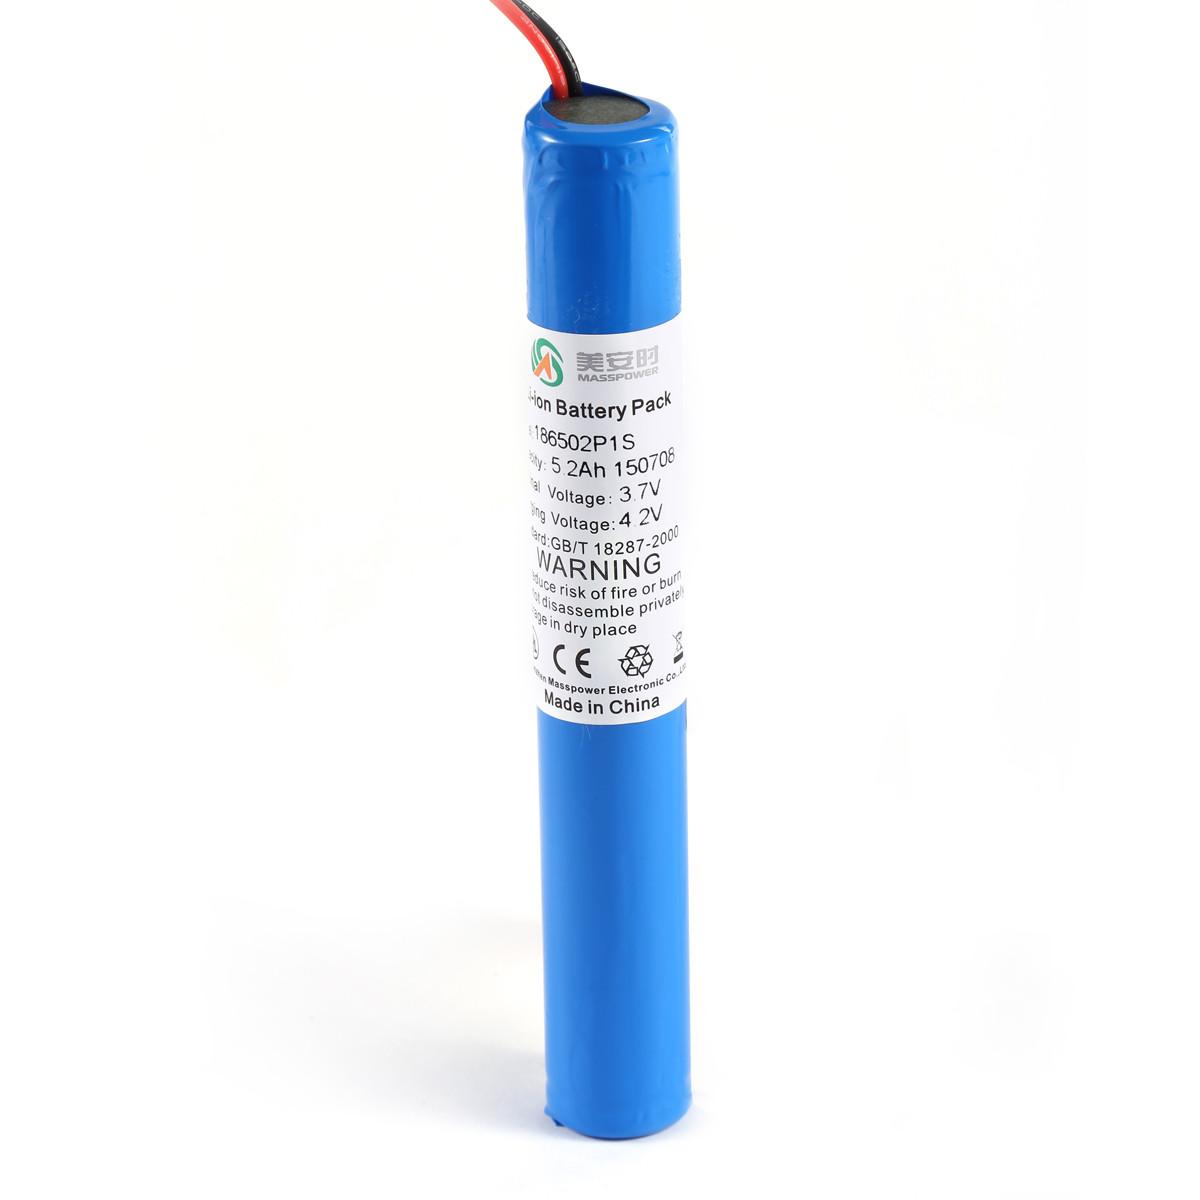 3.7V 50.2Ah丨LED灯具锂电池